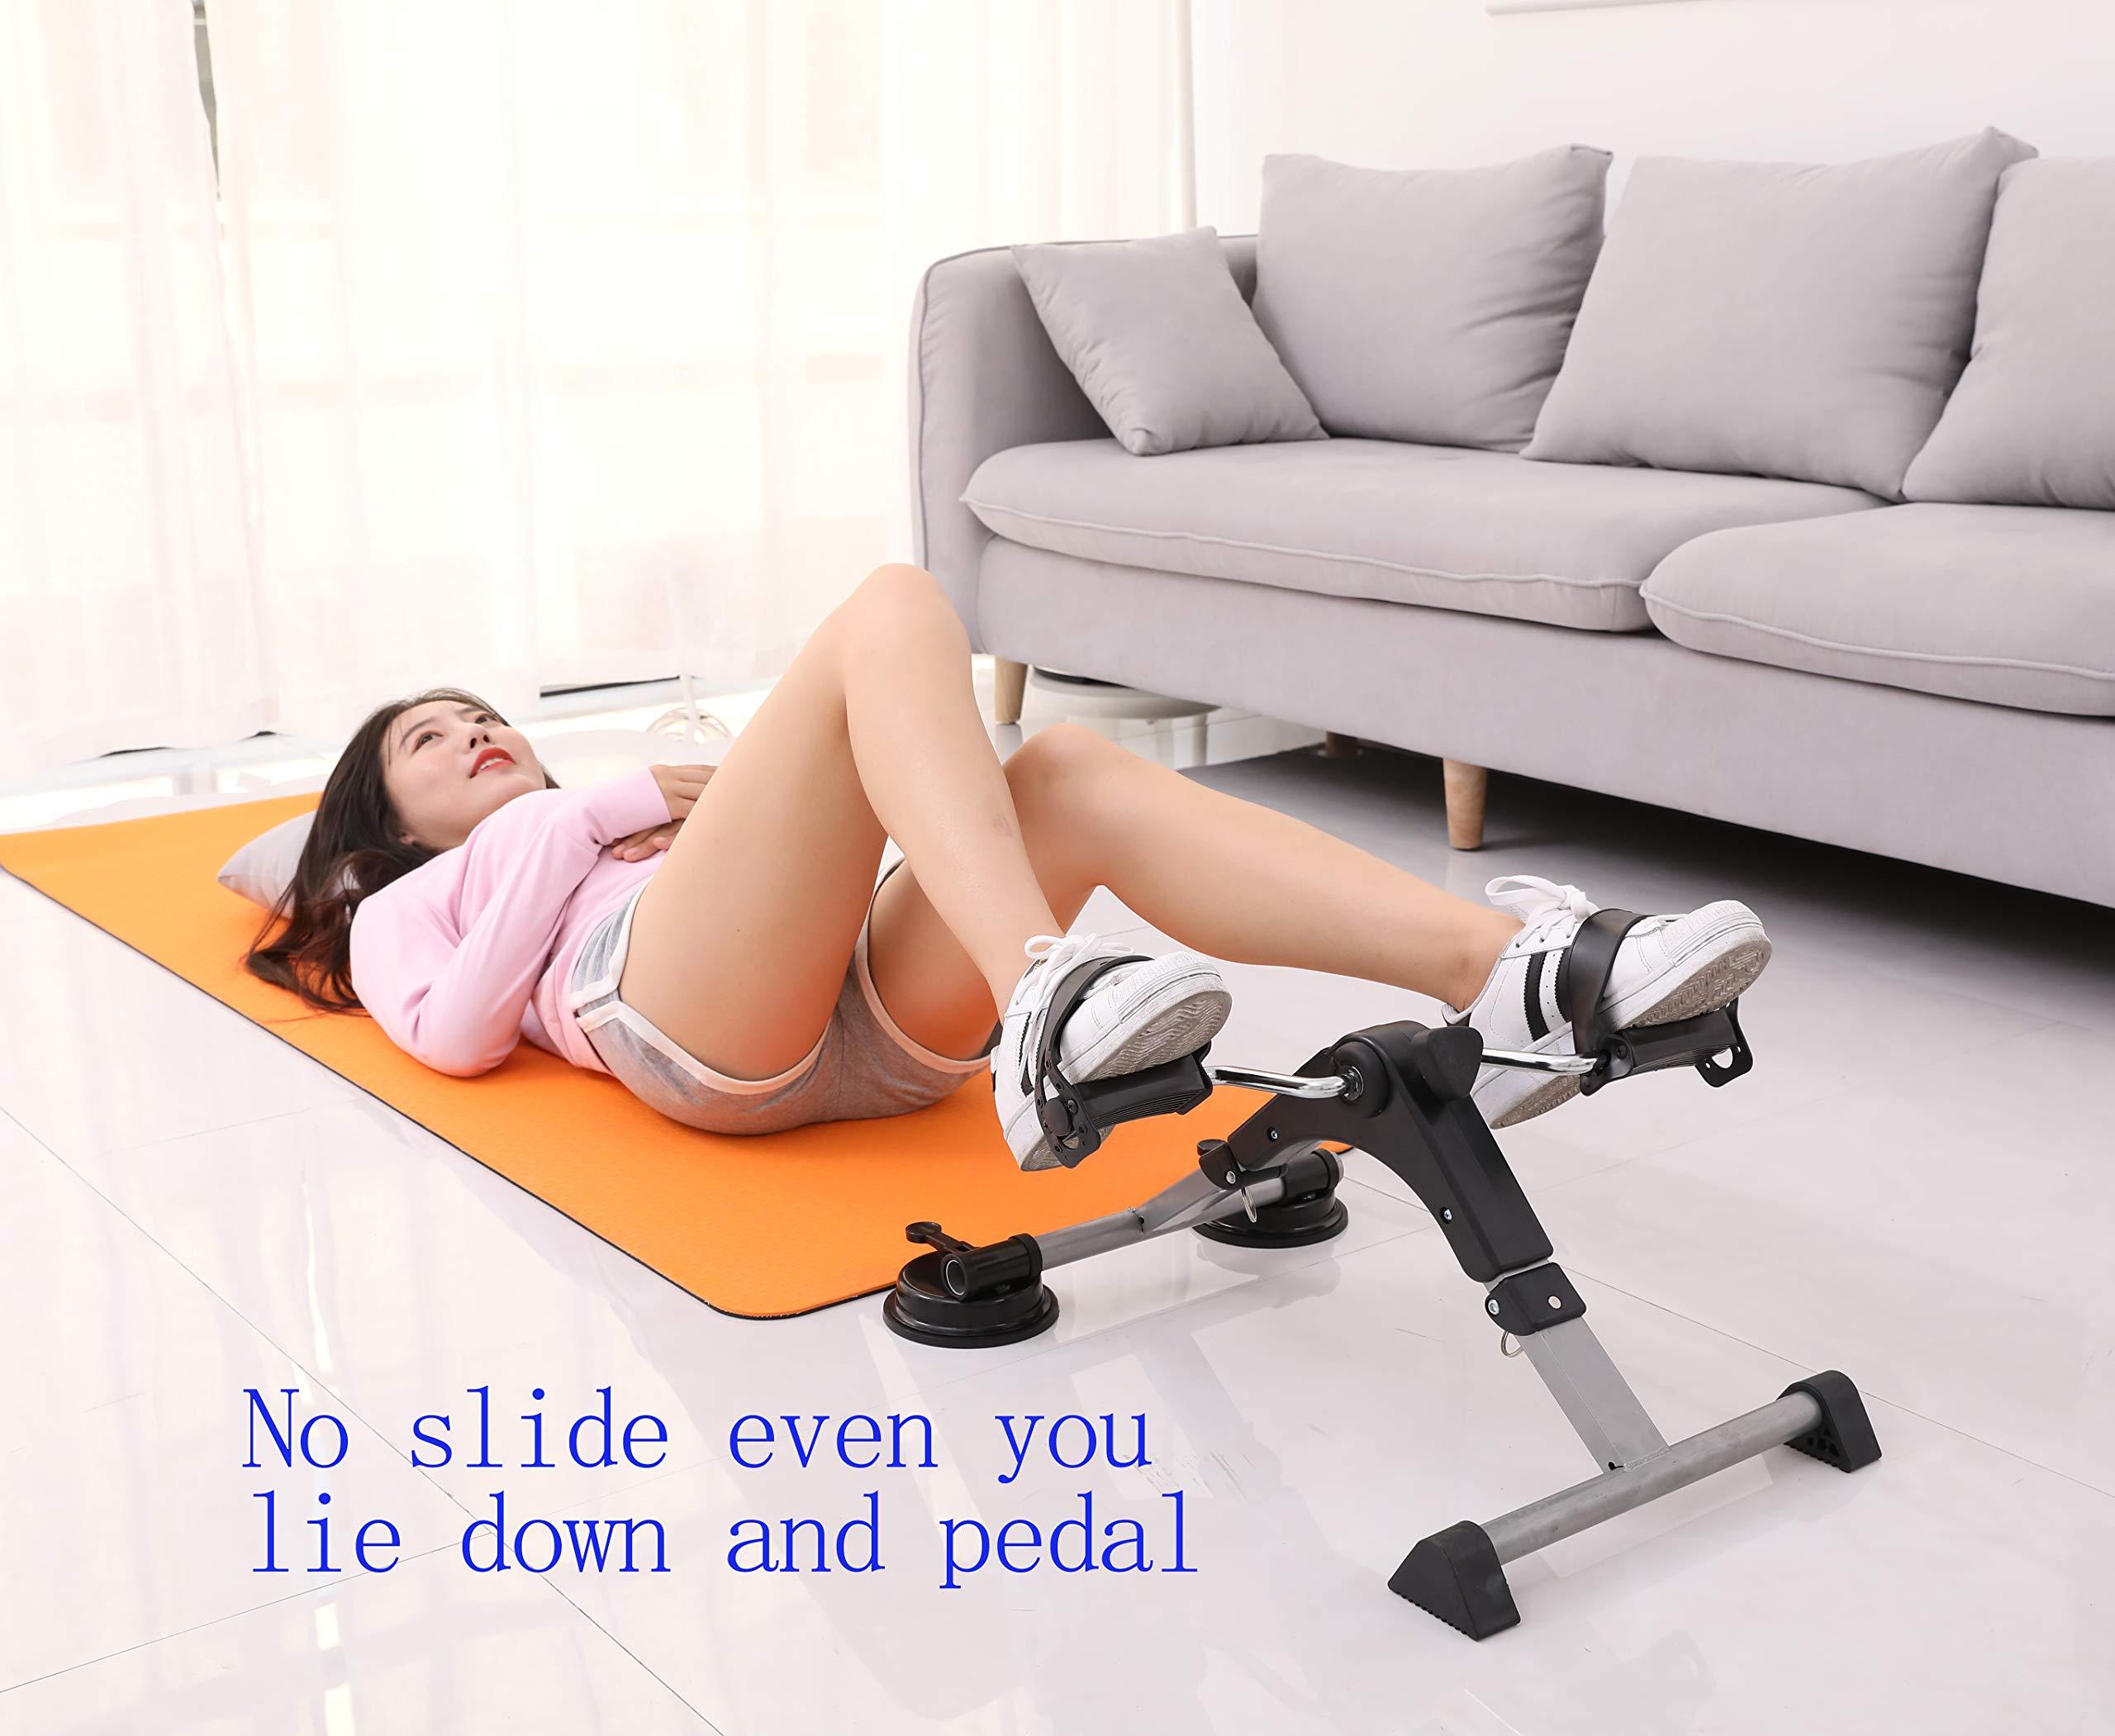 MOMODA Anti-Slip Foot for Mini Exercise Bike Stopper and Holder Anti-Slip Sucker for Pedal Exerciser or Leg Exerciser 2 pcs (26MM) by MOMODA (Image #5)